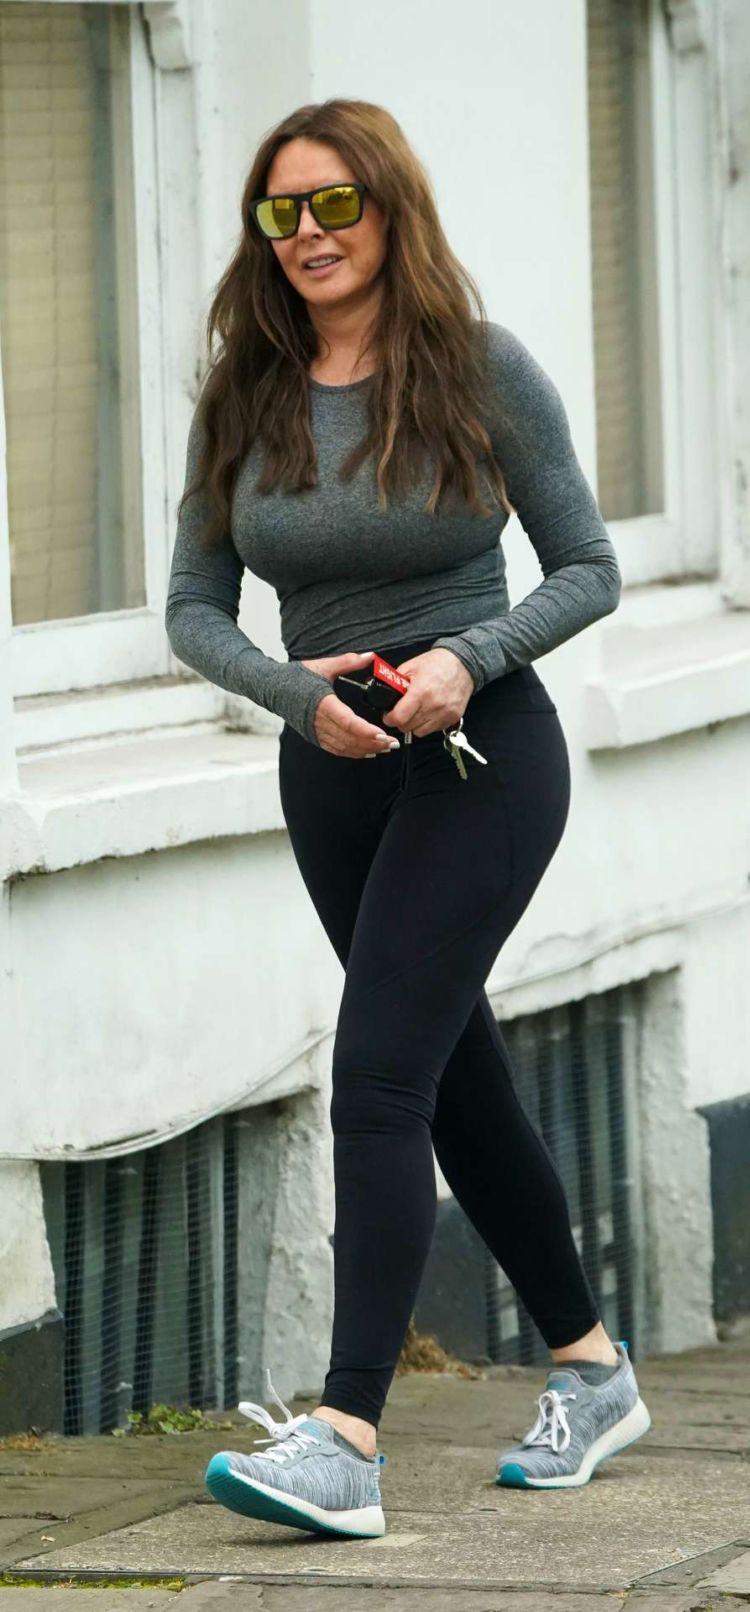 Carol Vorderman Heading To Her Gym In Bristol